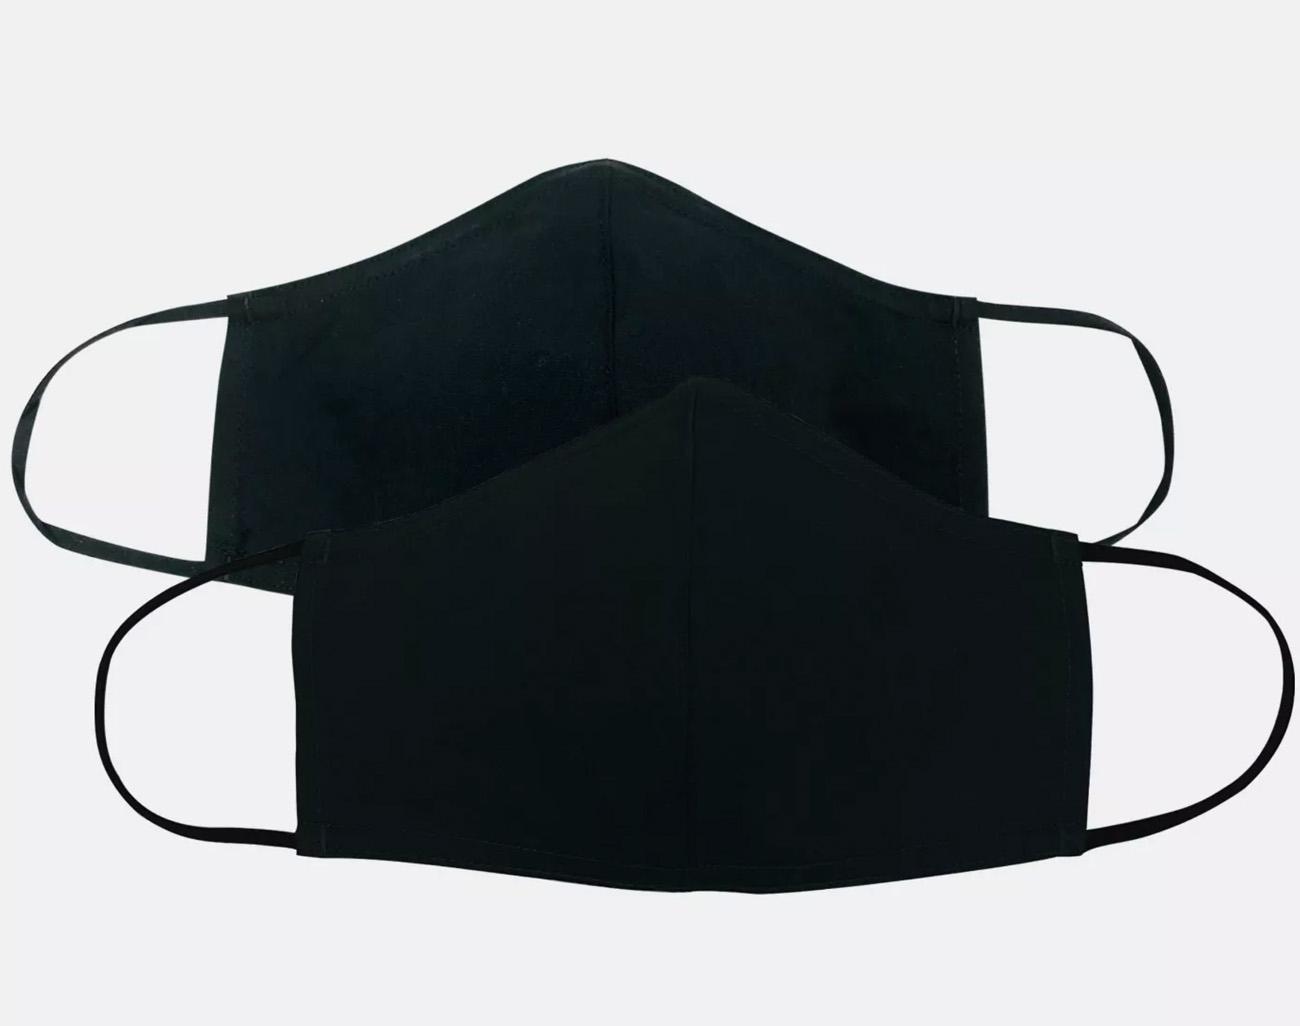 black face masks for bulk orders